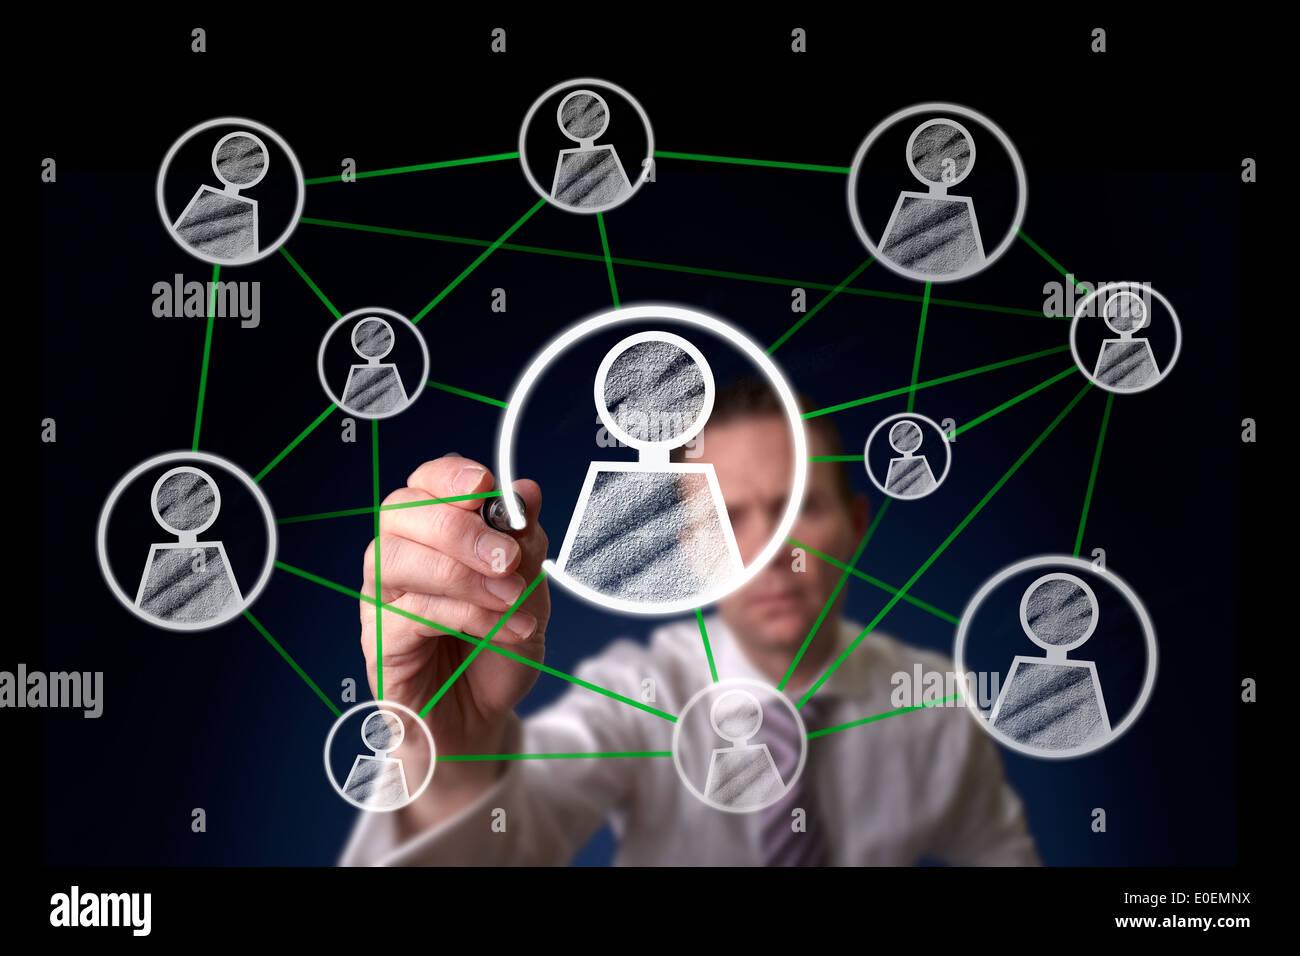 Un hombre dibujando una estructura de redes sociales en una pantalla. Imagen De Stock